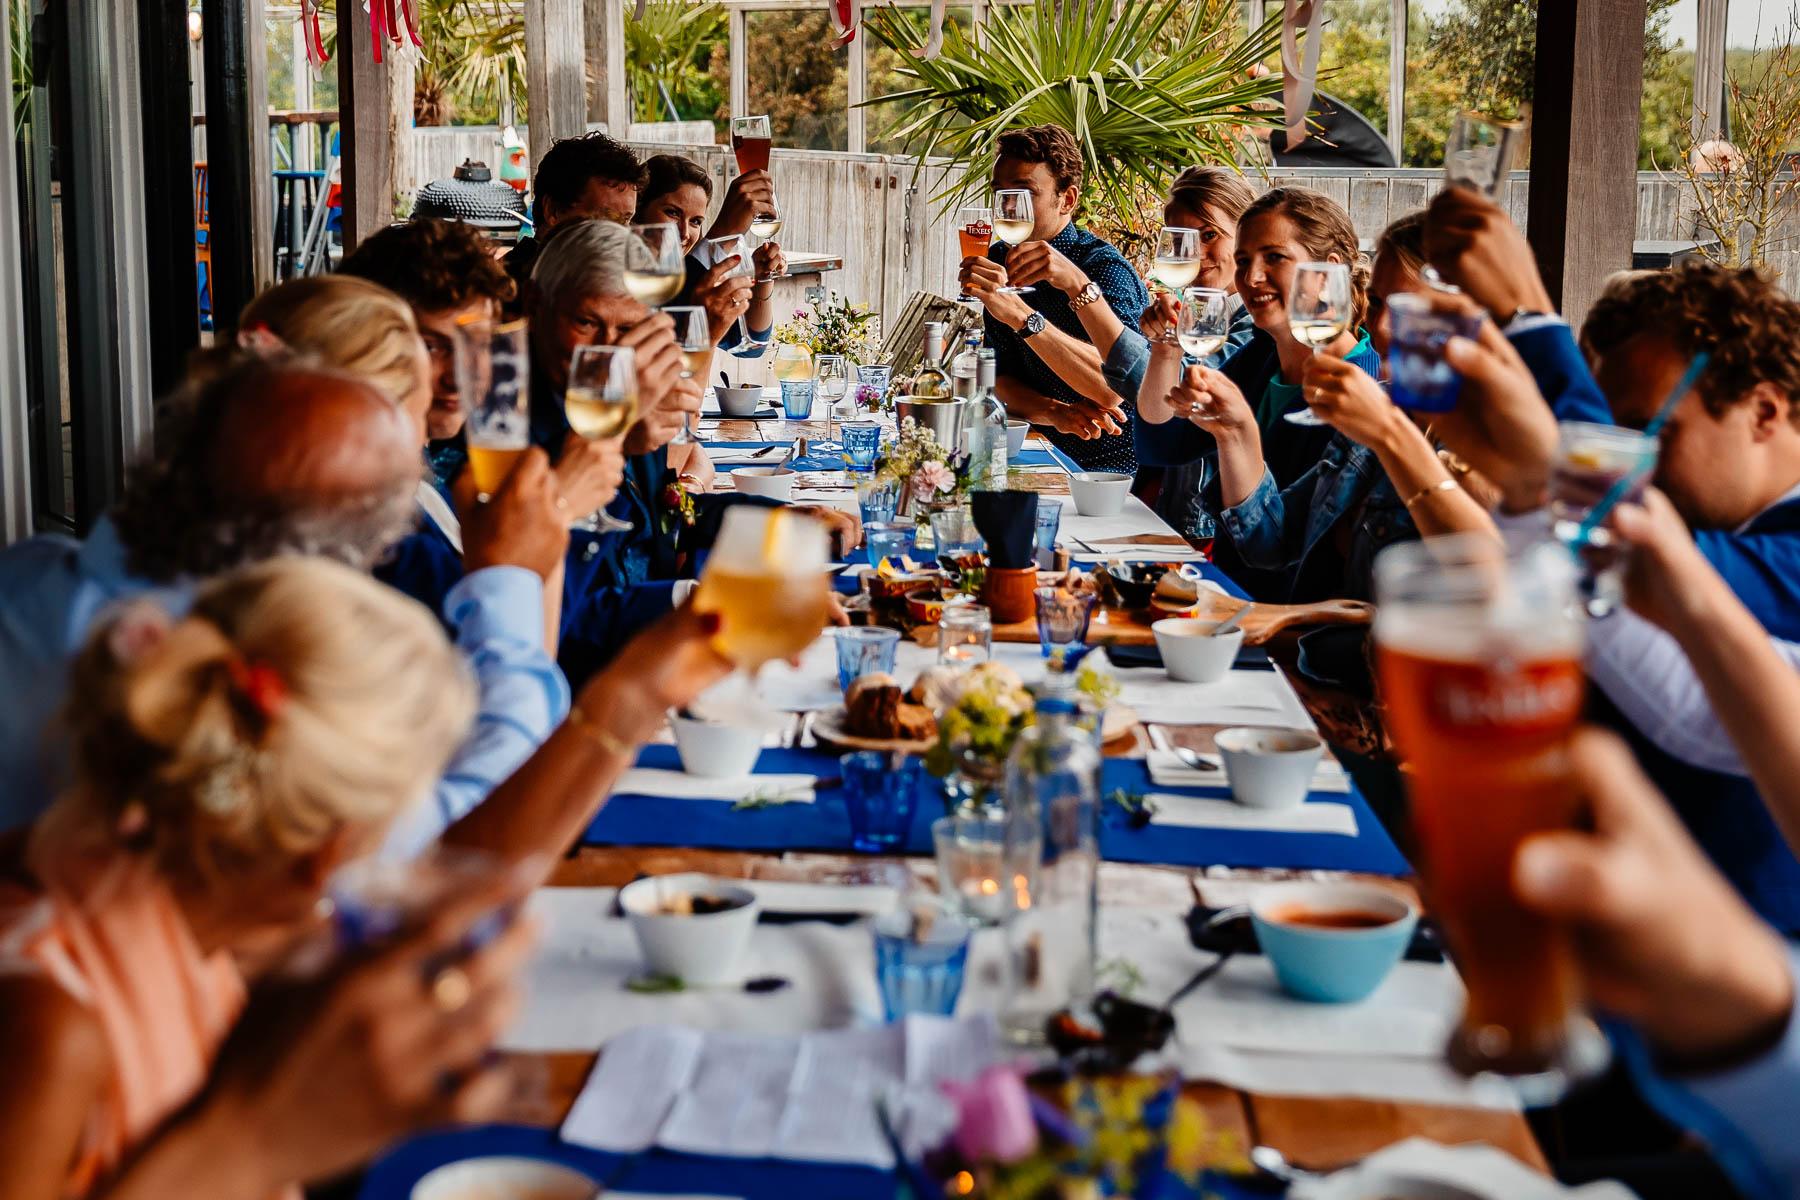 Gasten aan tafel met drankje in hun handen